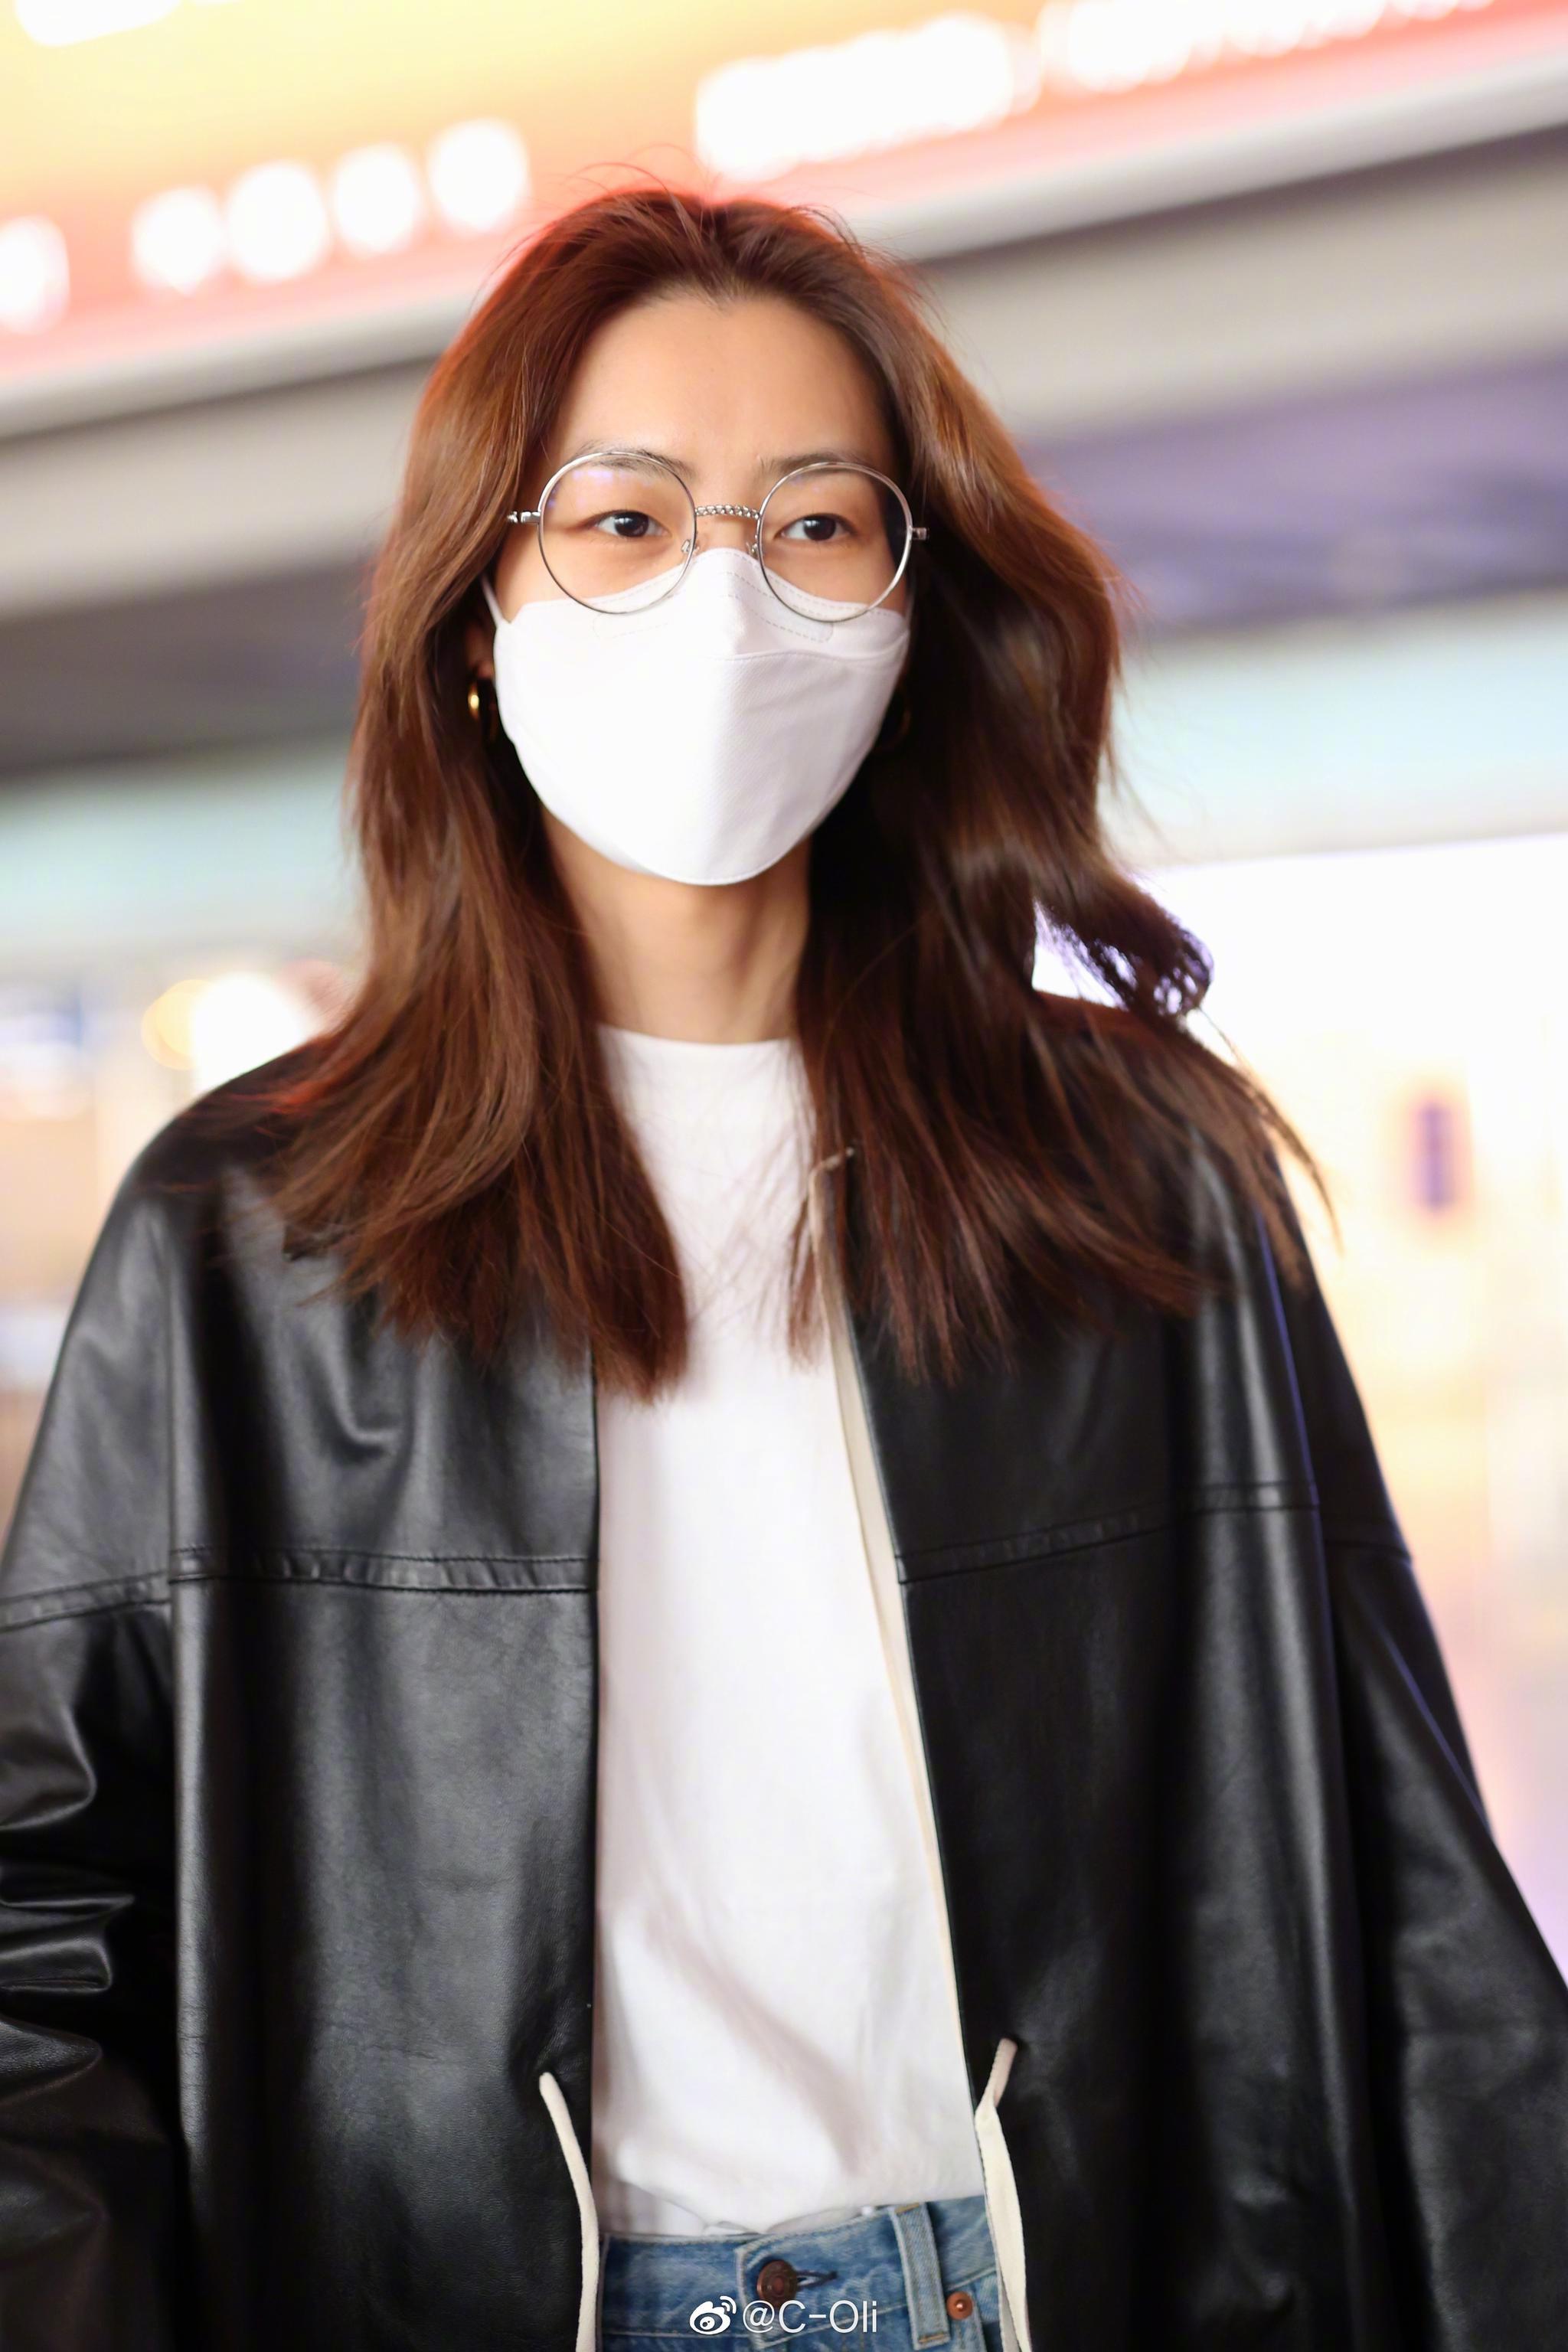 今日行色匆匆的机场Wen  白T牛仔裤搭一件黑色长款皮衣……